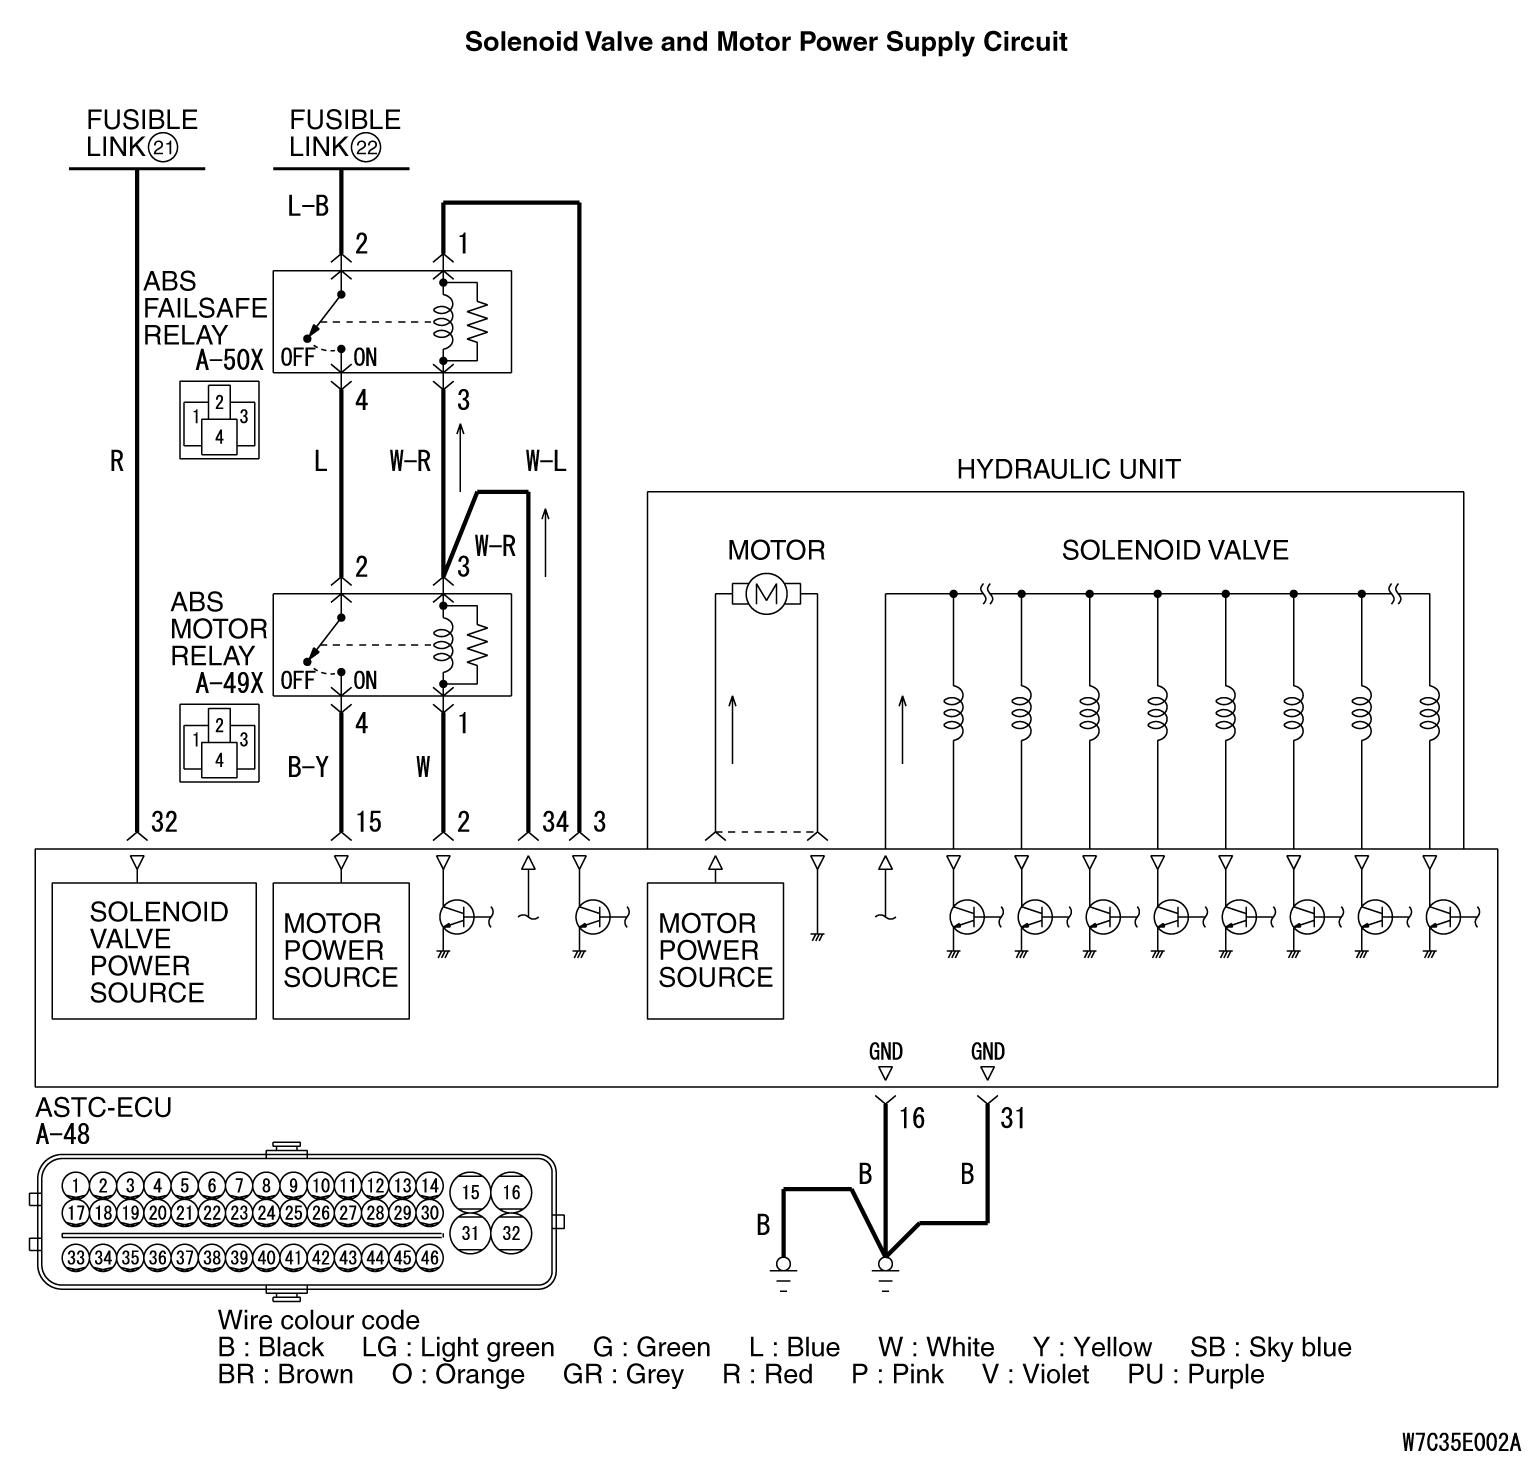 code no  c1278  solenoid valve relay  open circuit  code